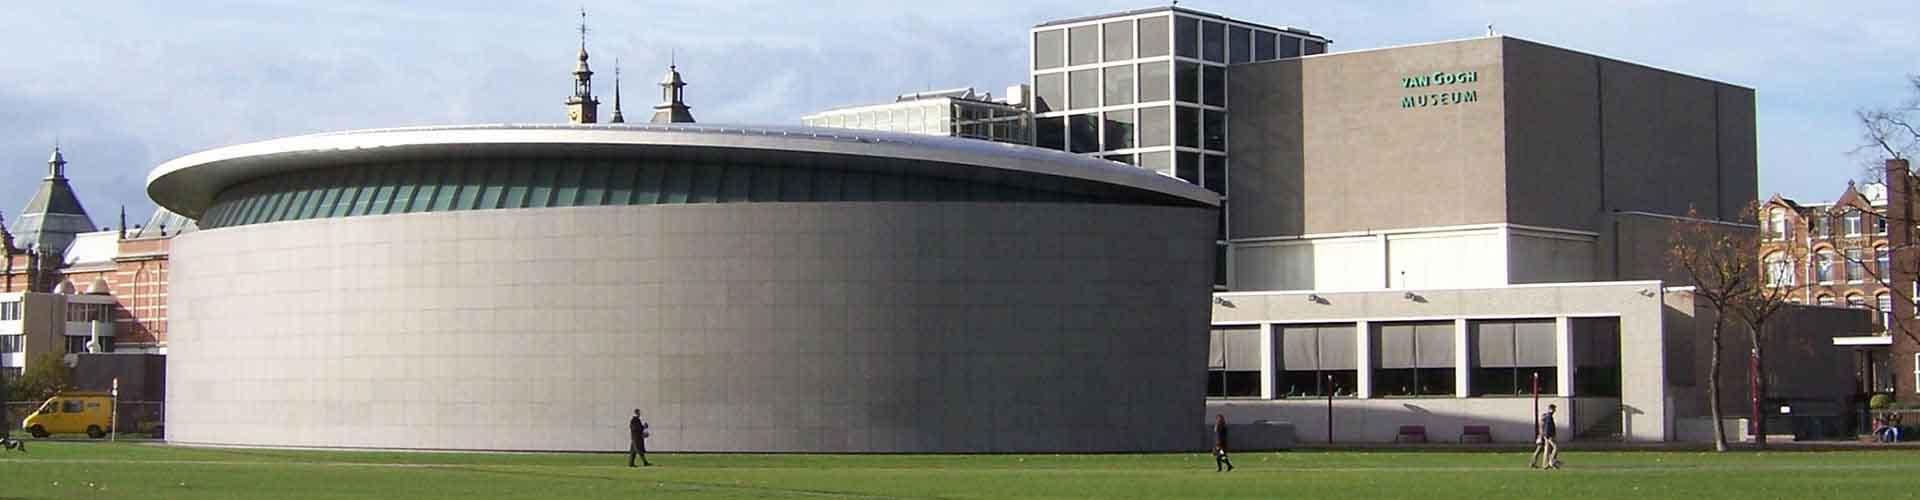 암스테르담 - 반 고흐 미술관에 가까운 캠핑장. 암스테르담의 지도, 암스테르담에 위치한 캠핑장에 대한 사진 및 리뷰.